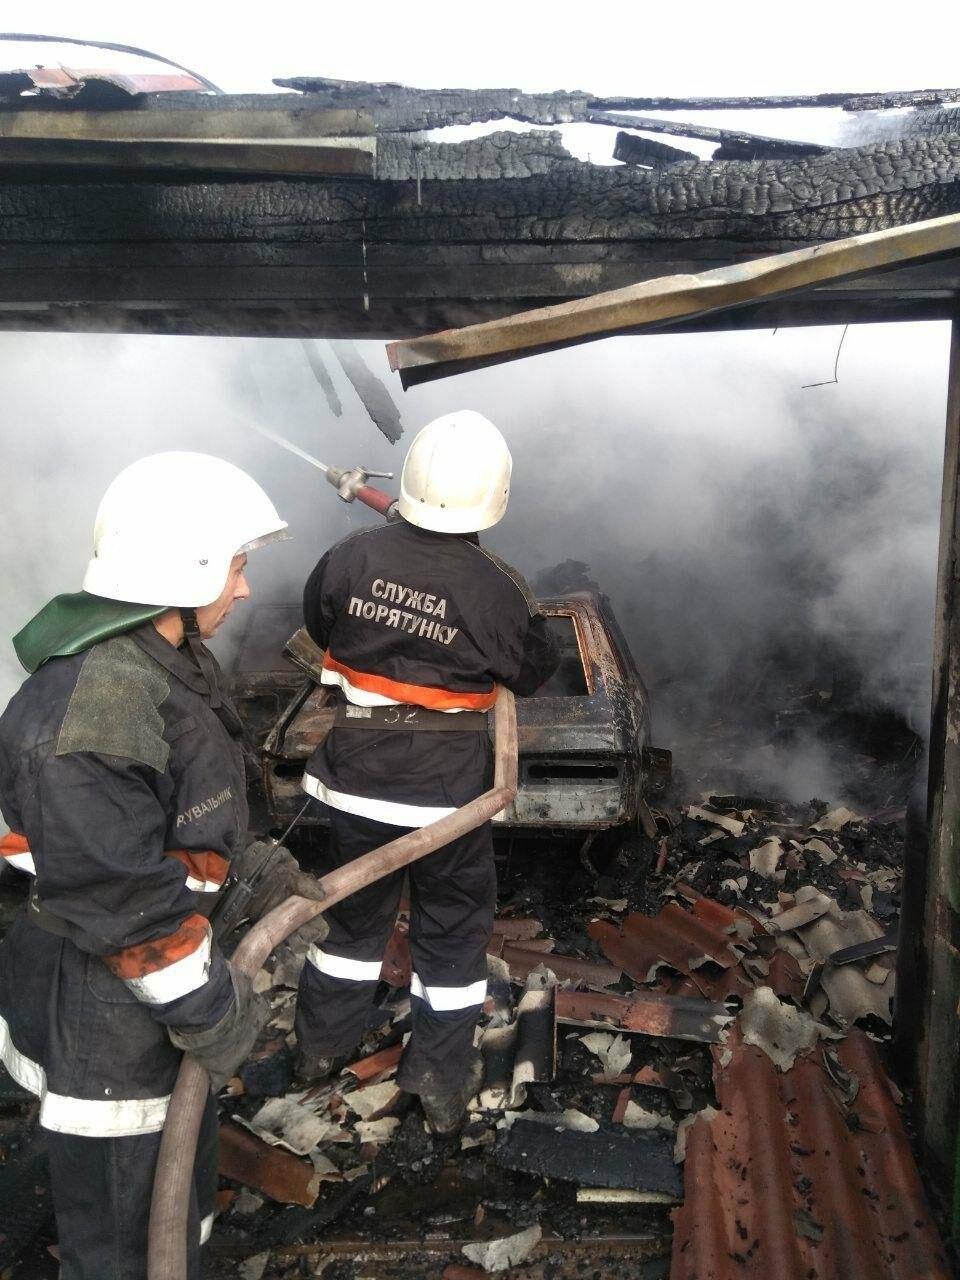 Машина, гараж, крыша летней кухни сгорели в результате пожара в Кривом Роге, - ФОТО  , фото-1